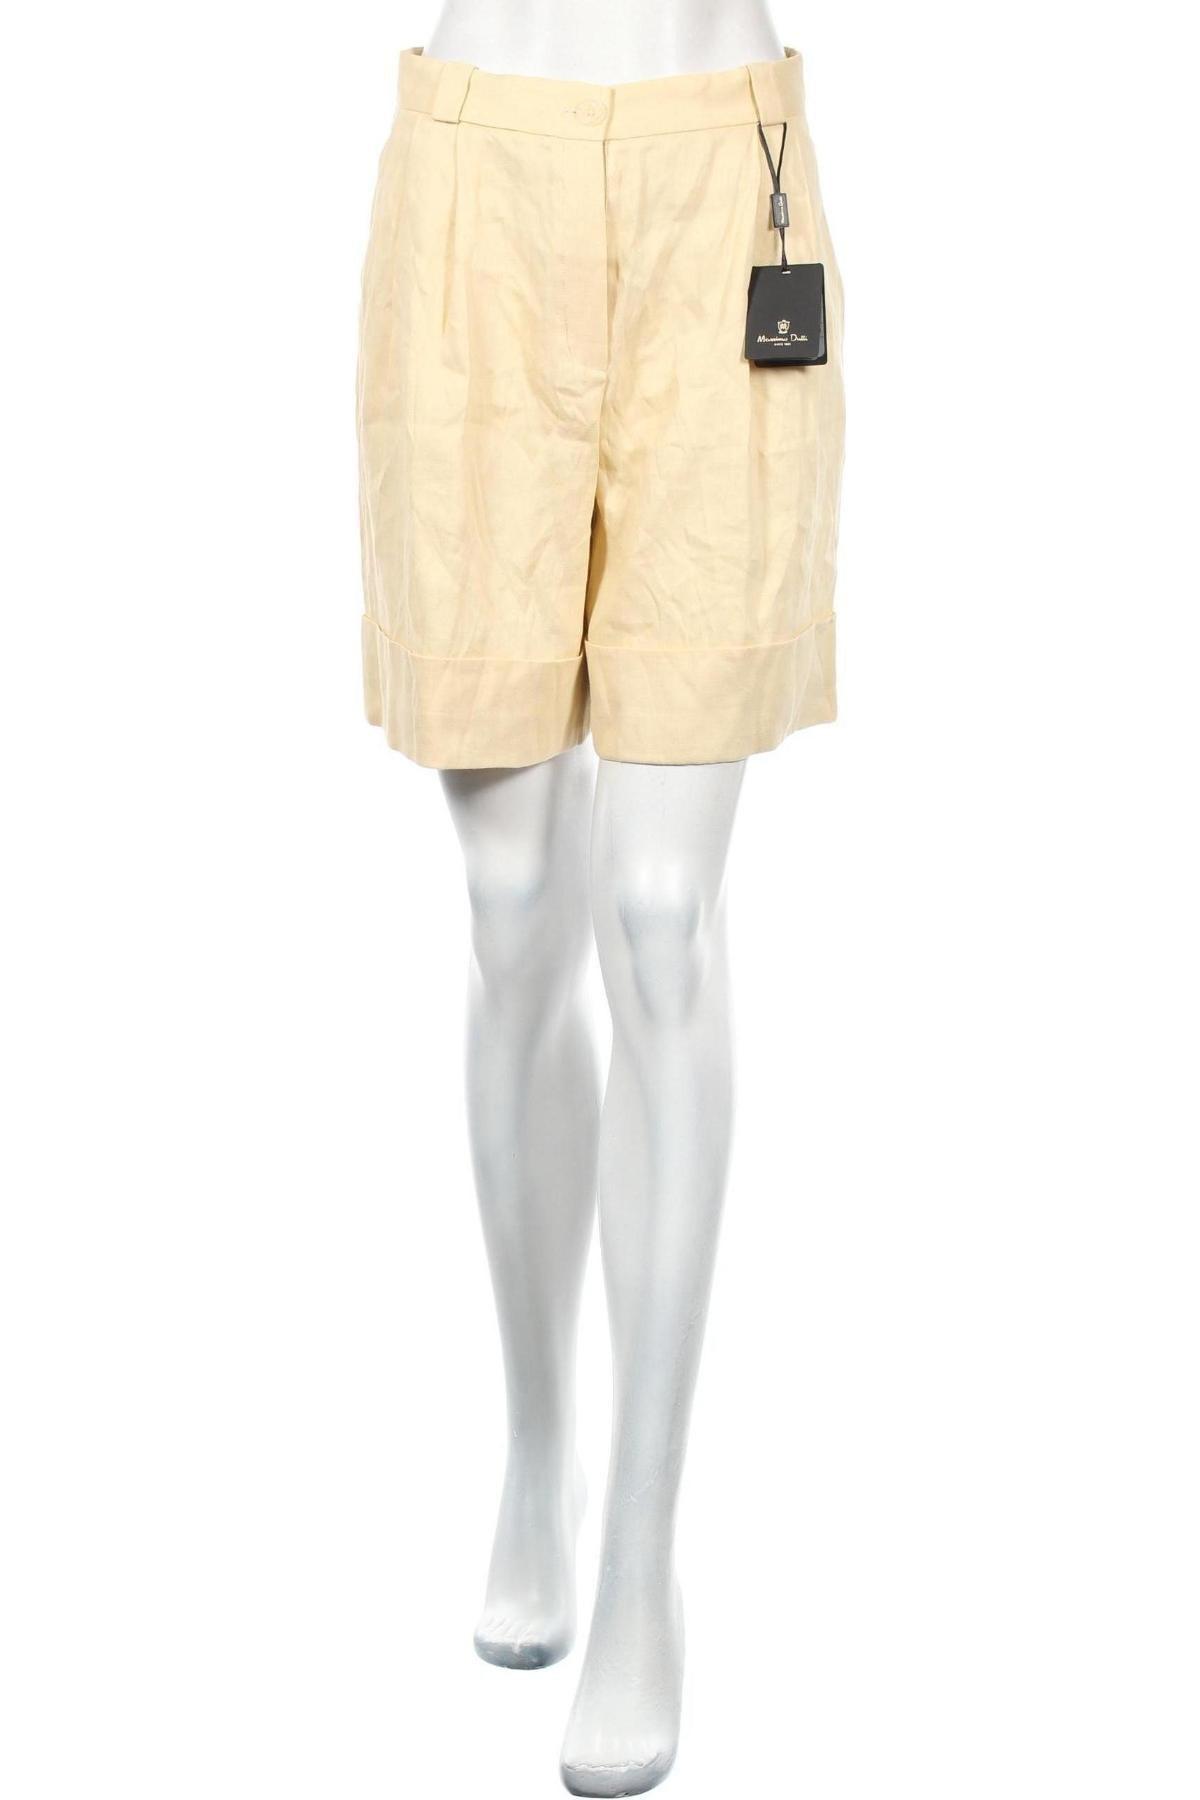 Γυναικείο κοντό παντελόνι Massimo Dutti, Μέγεθος S, Χρώμα  Μπέζ, 63% λινό, 35% βισκόζη, 2% ελαστάνη, Τιμή 22,40€